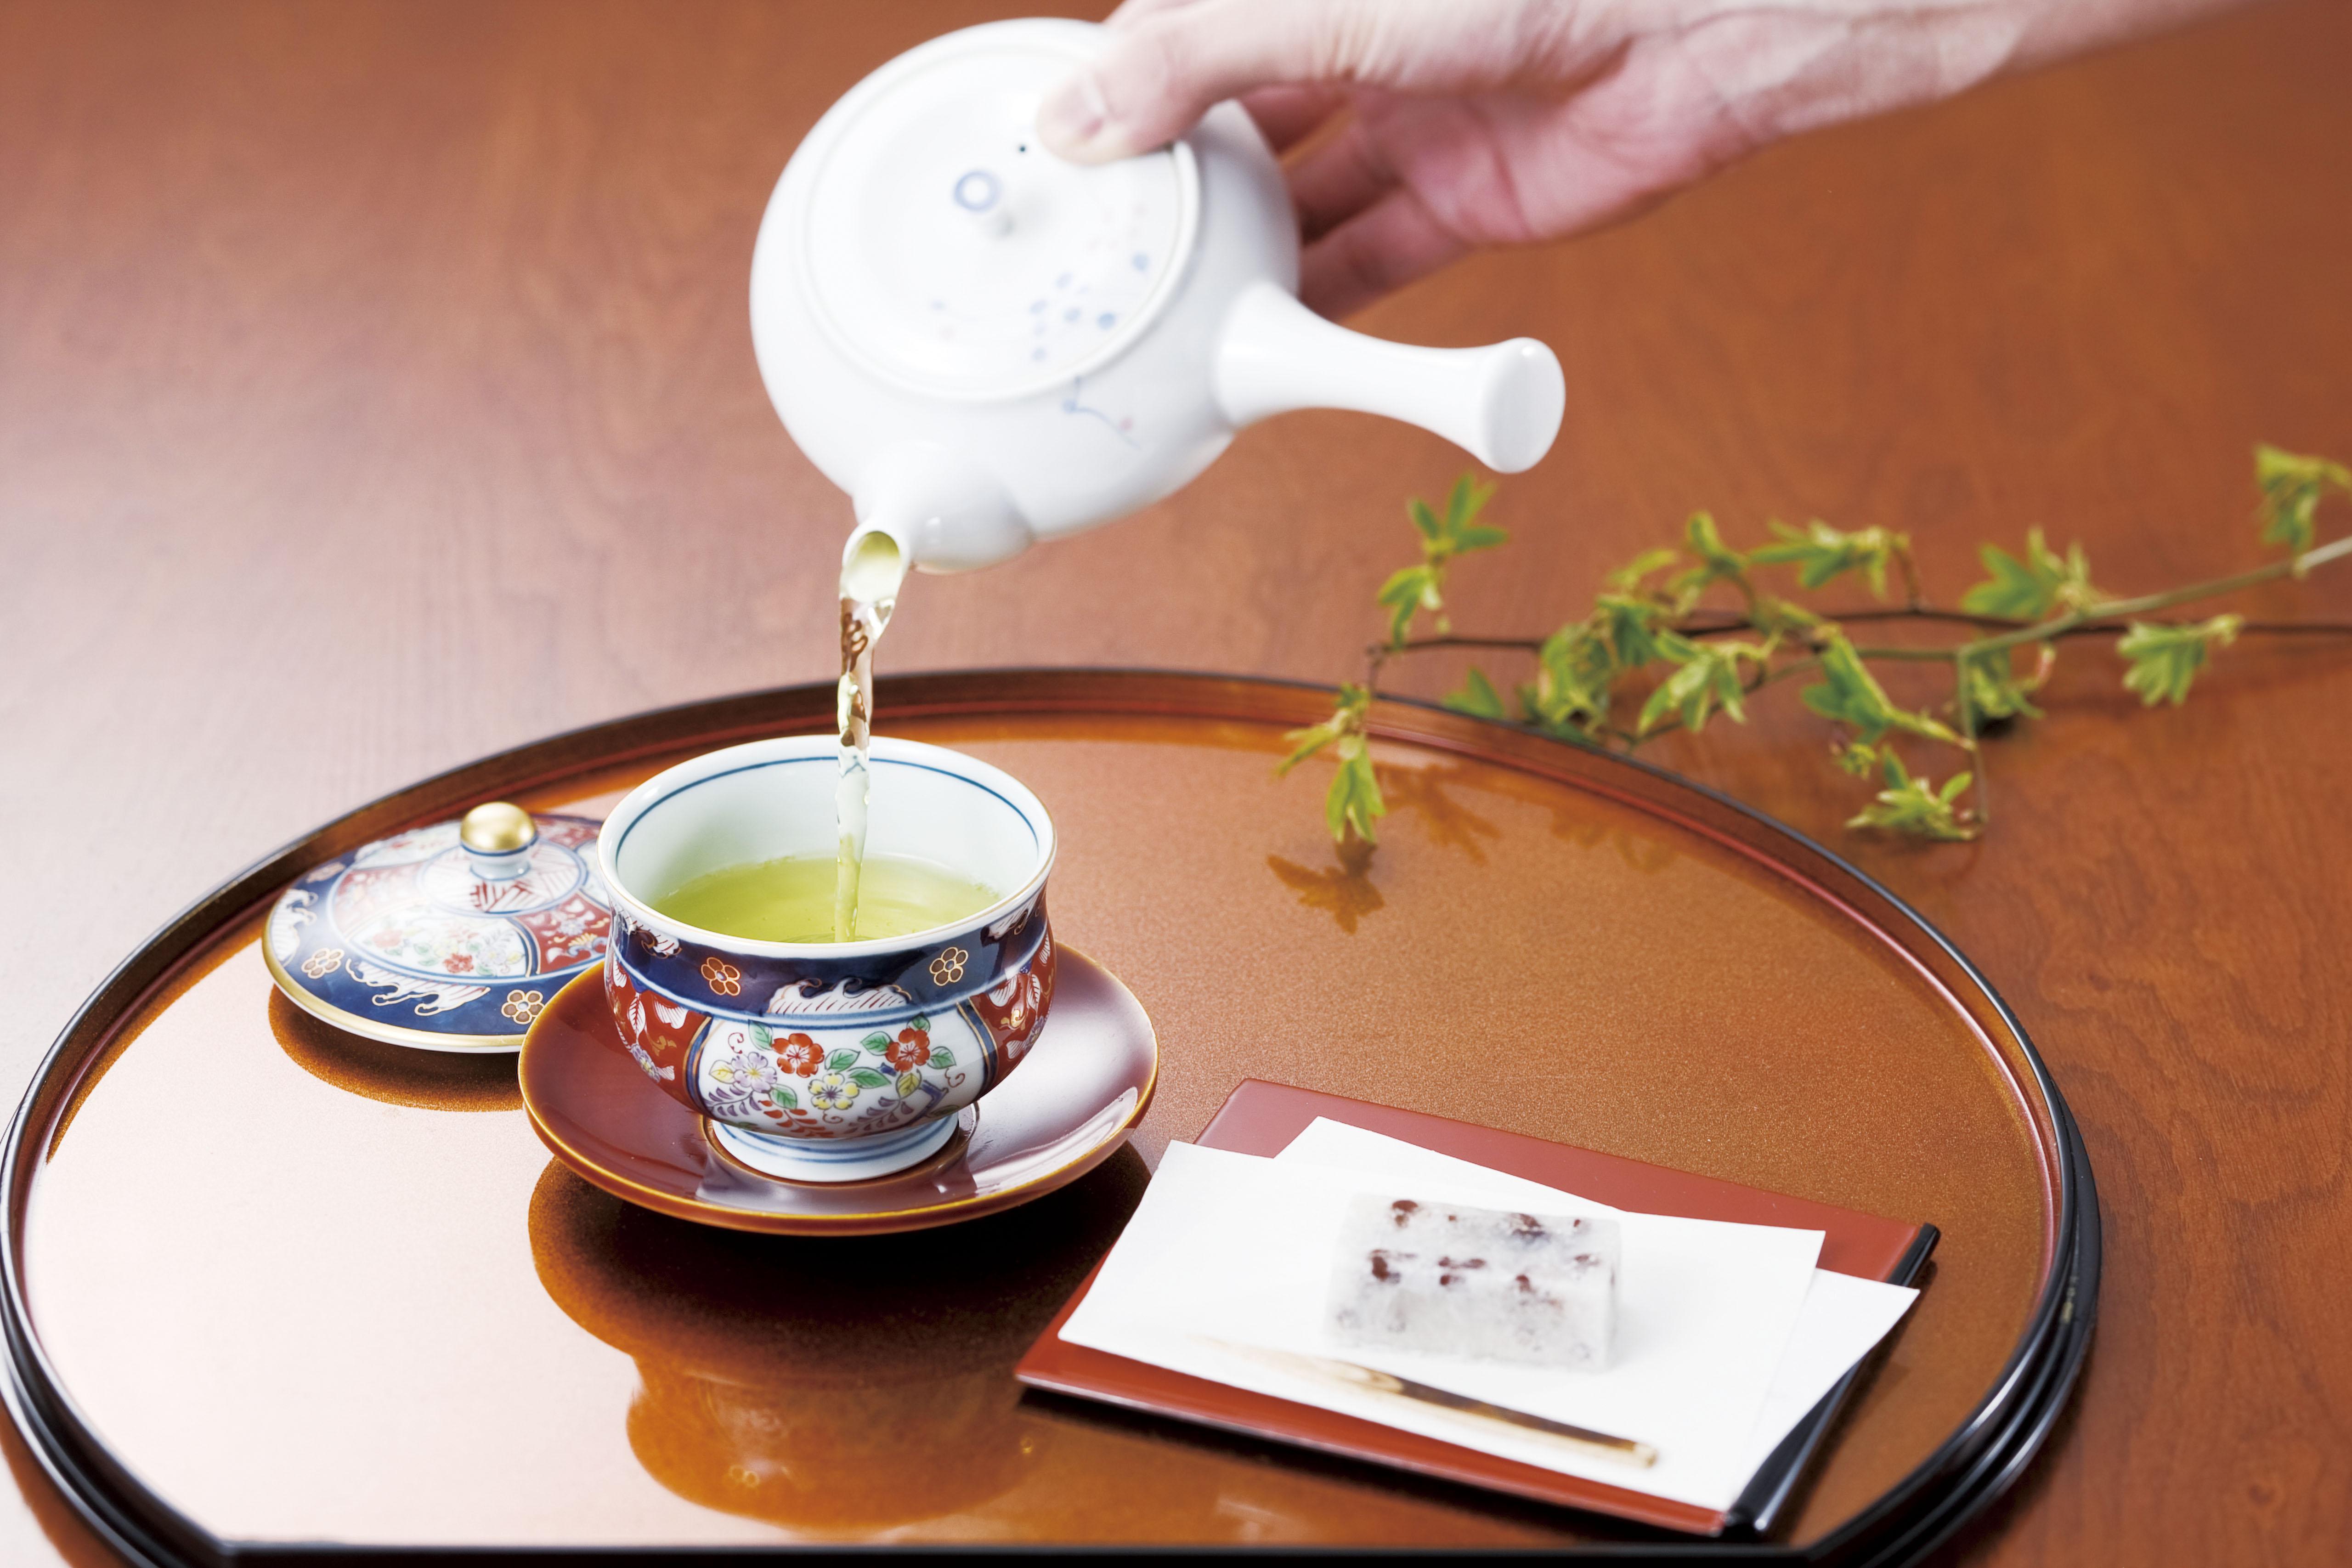 【京都府】京都府産宇治茶詰合せ 上煎茶120g・煎茶120g各1